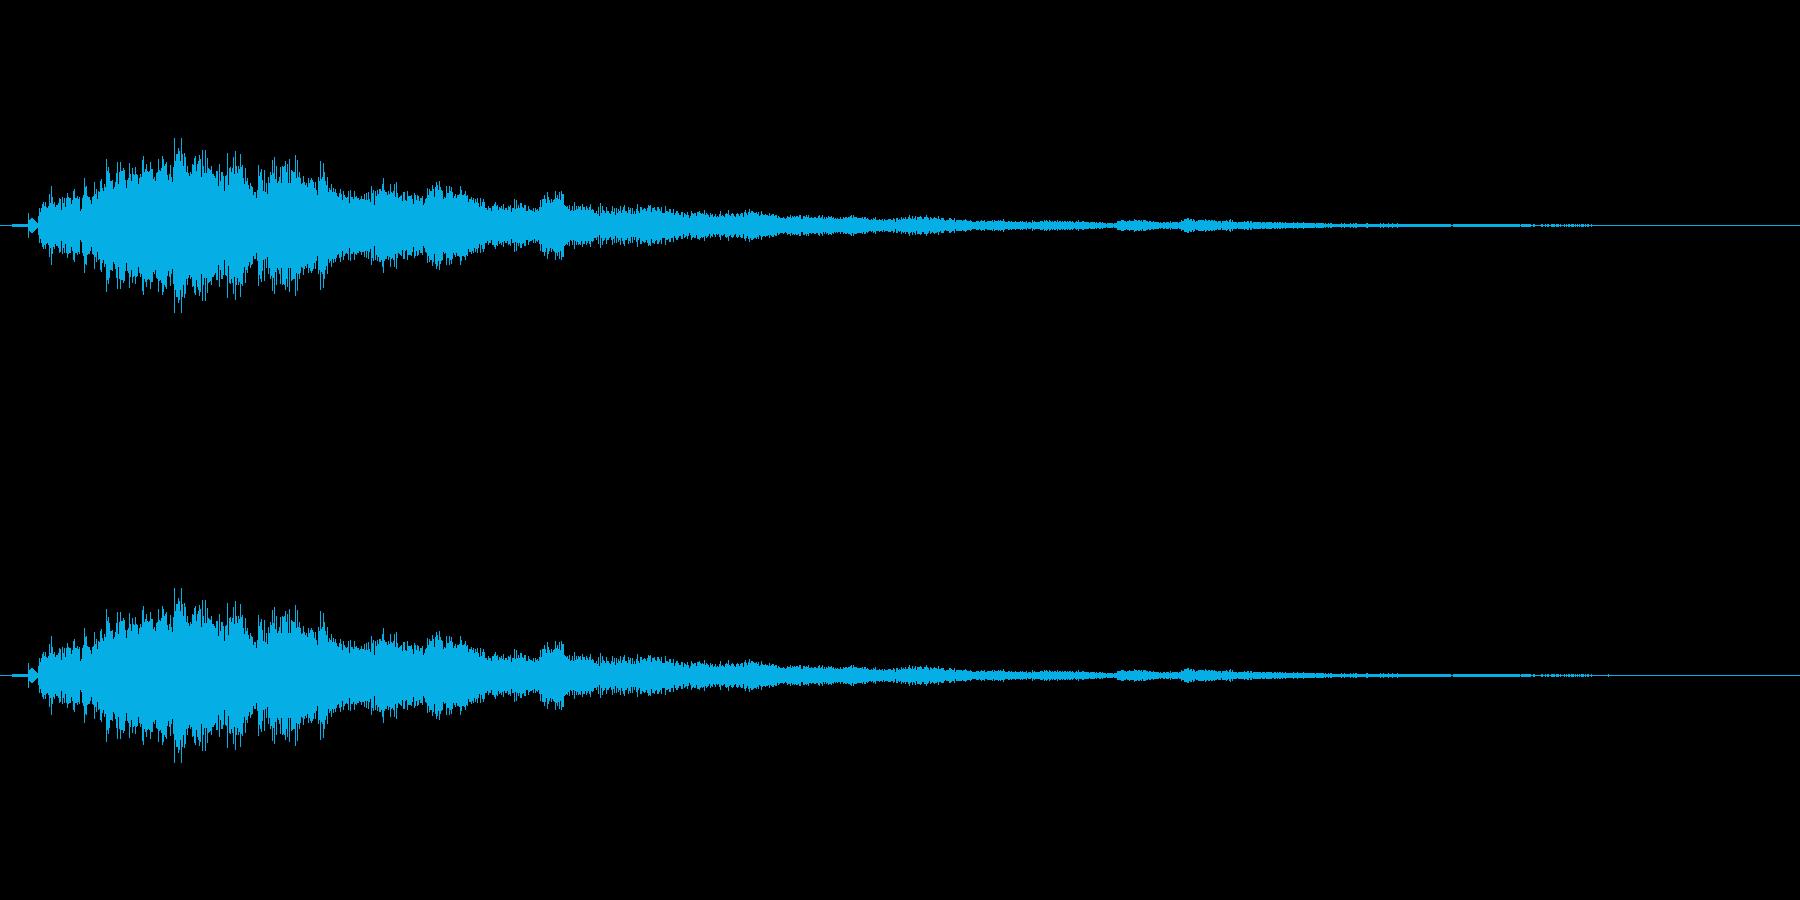 ツリーチャイムによるキラキラ音 下降の再生済みの波形